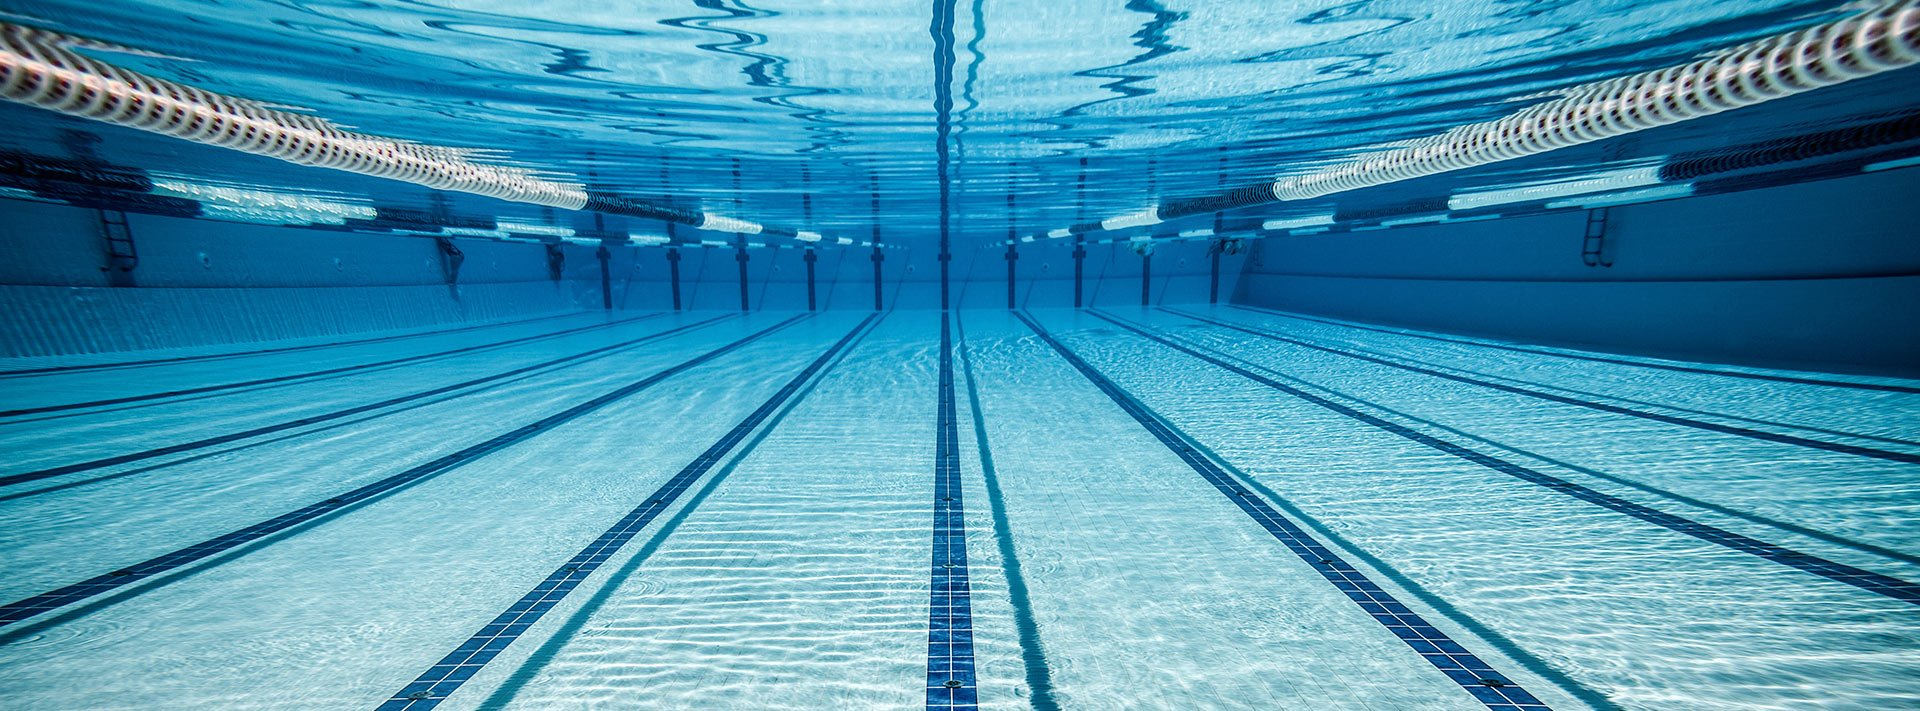 Limpieza de piscinas serpasat mantenimiento de piscinas for Limpieza fondo piscina